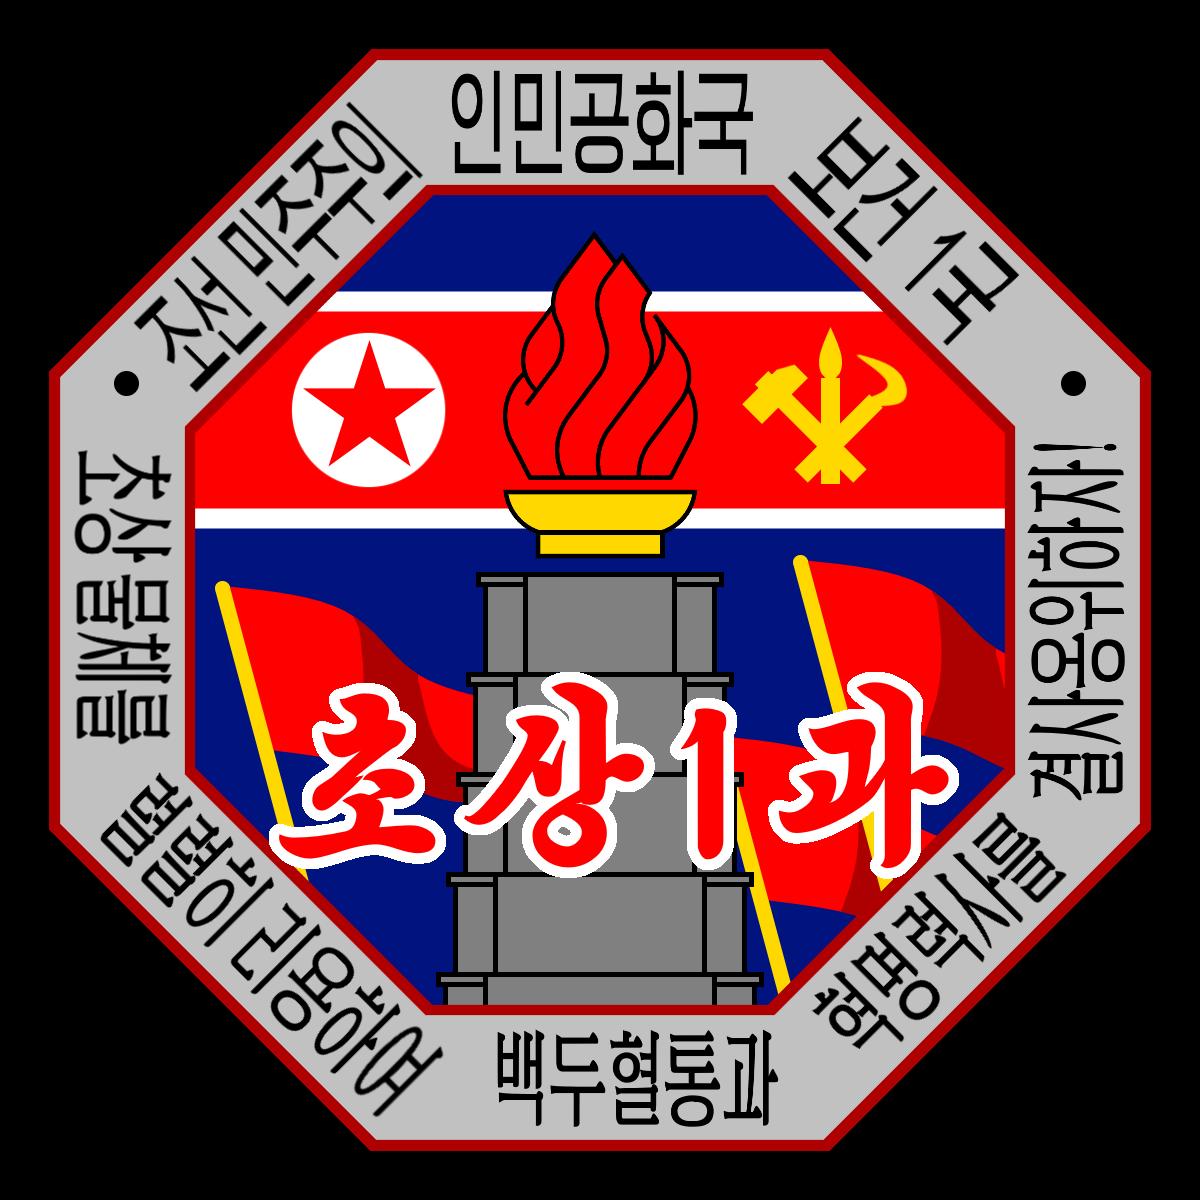 AS1-logo-large.png